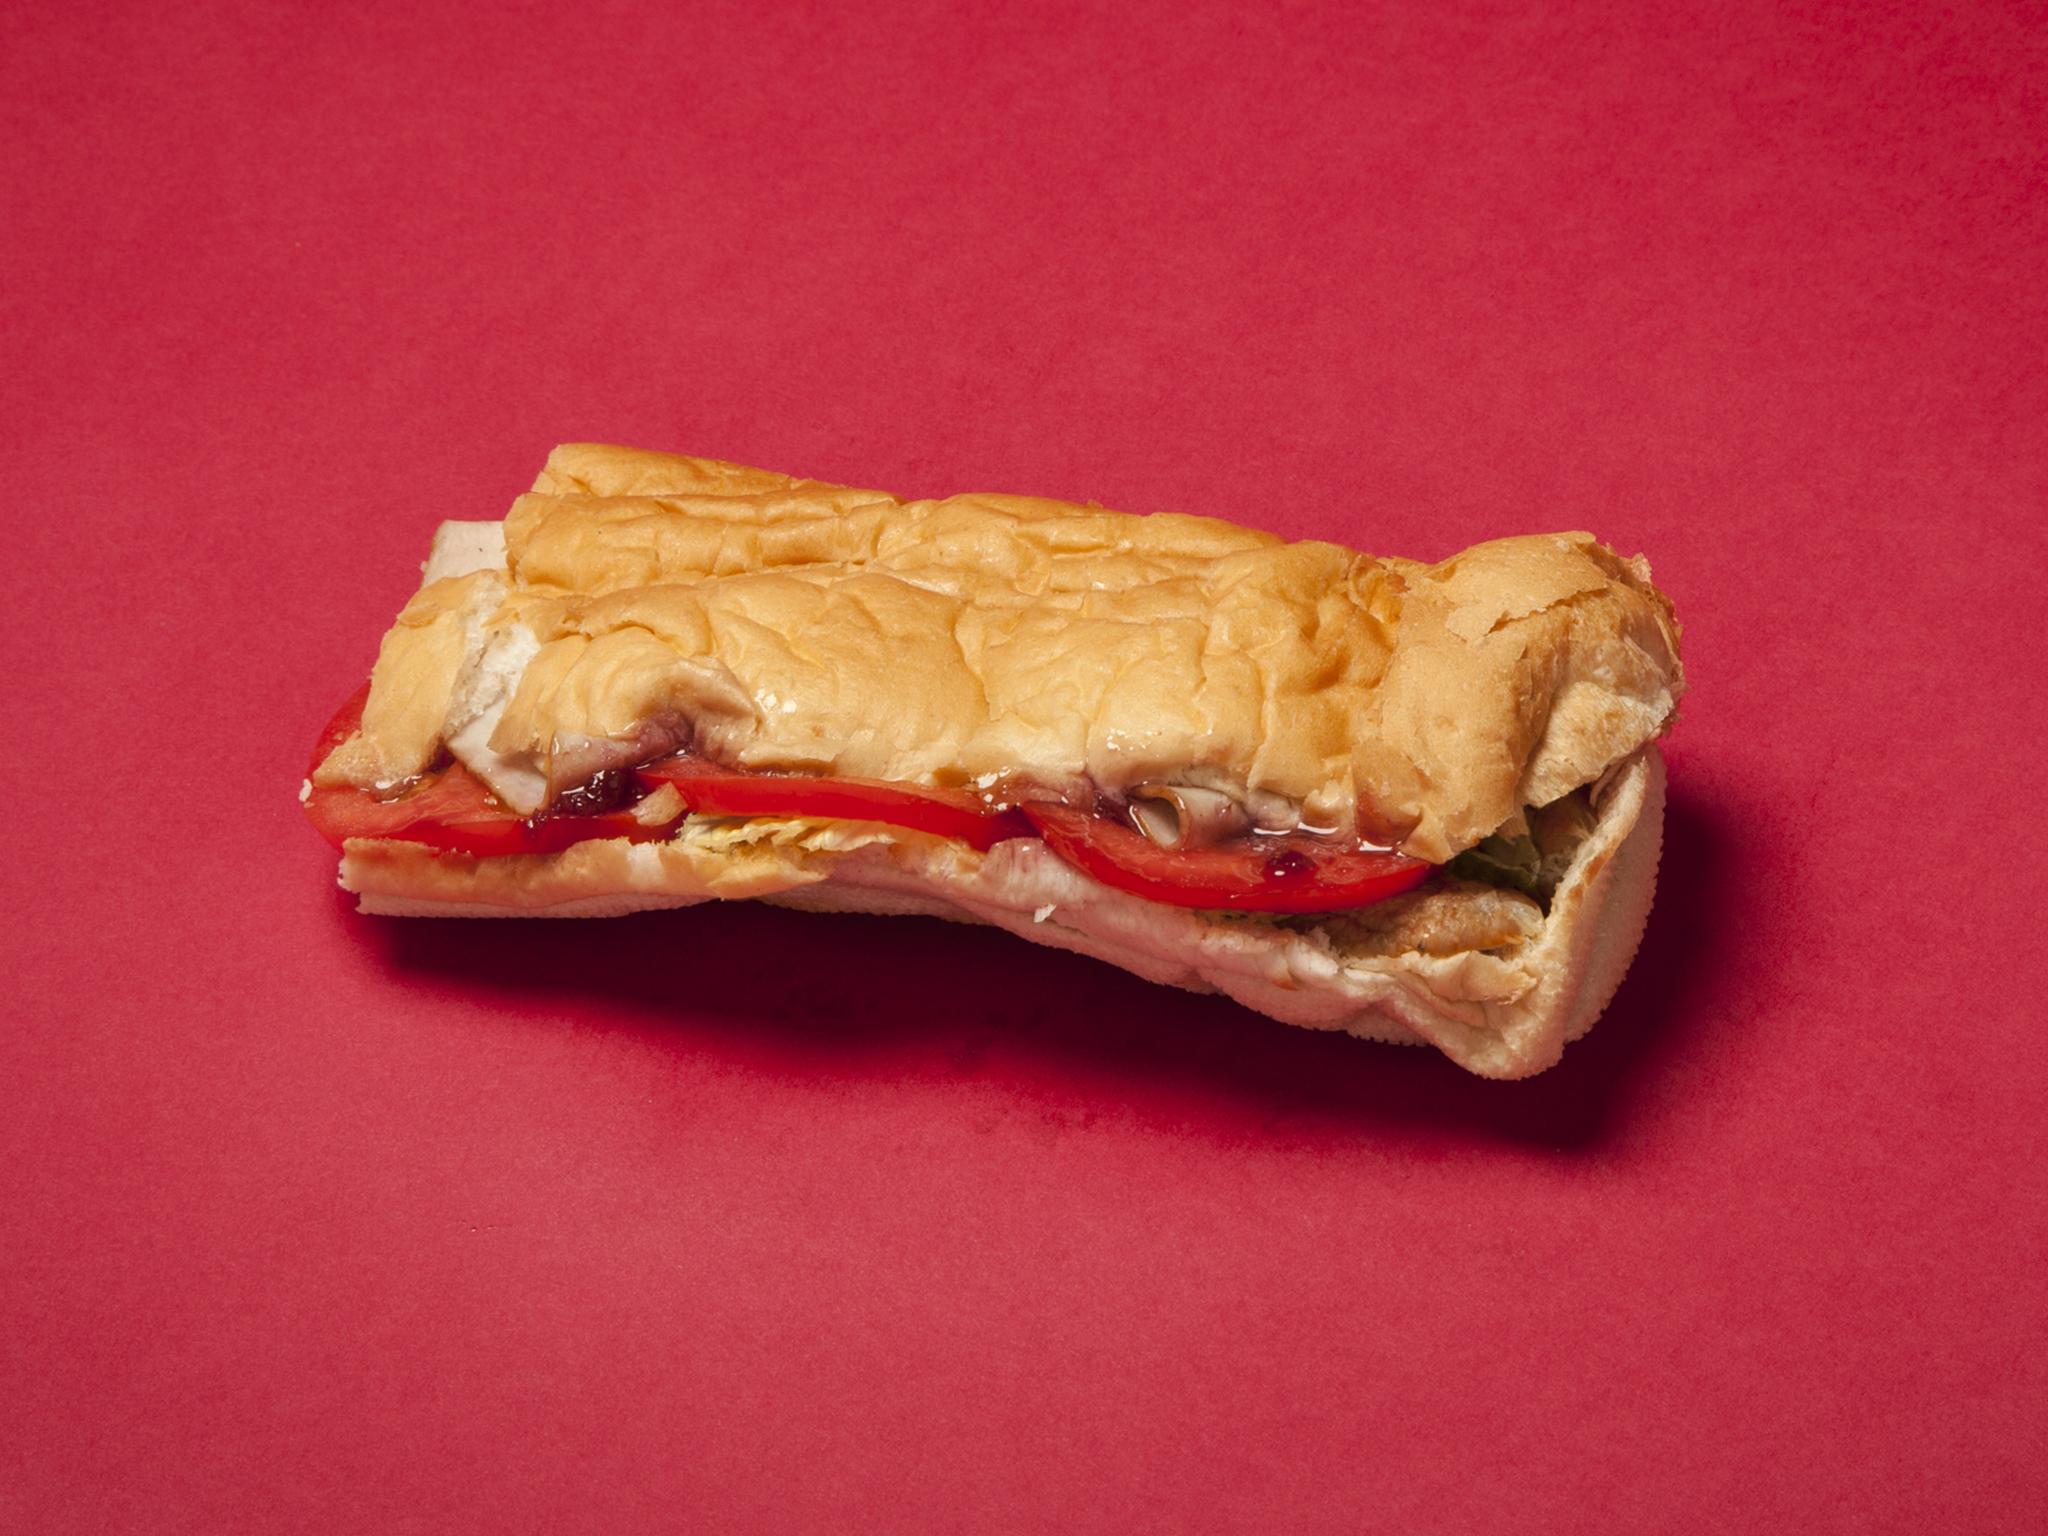 Subway: Festive Sub